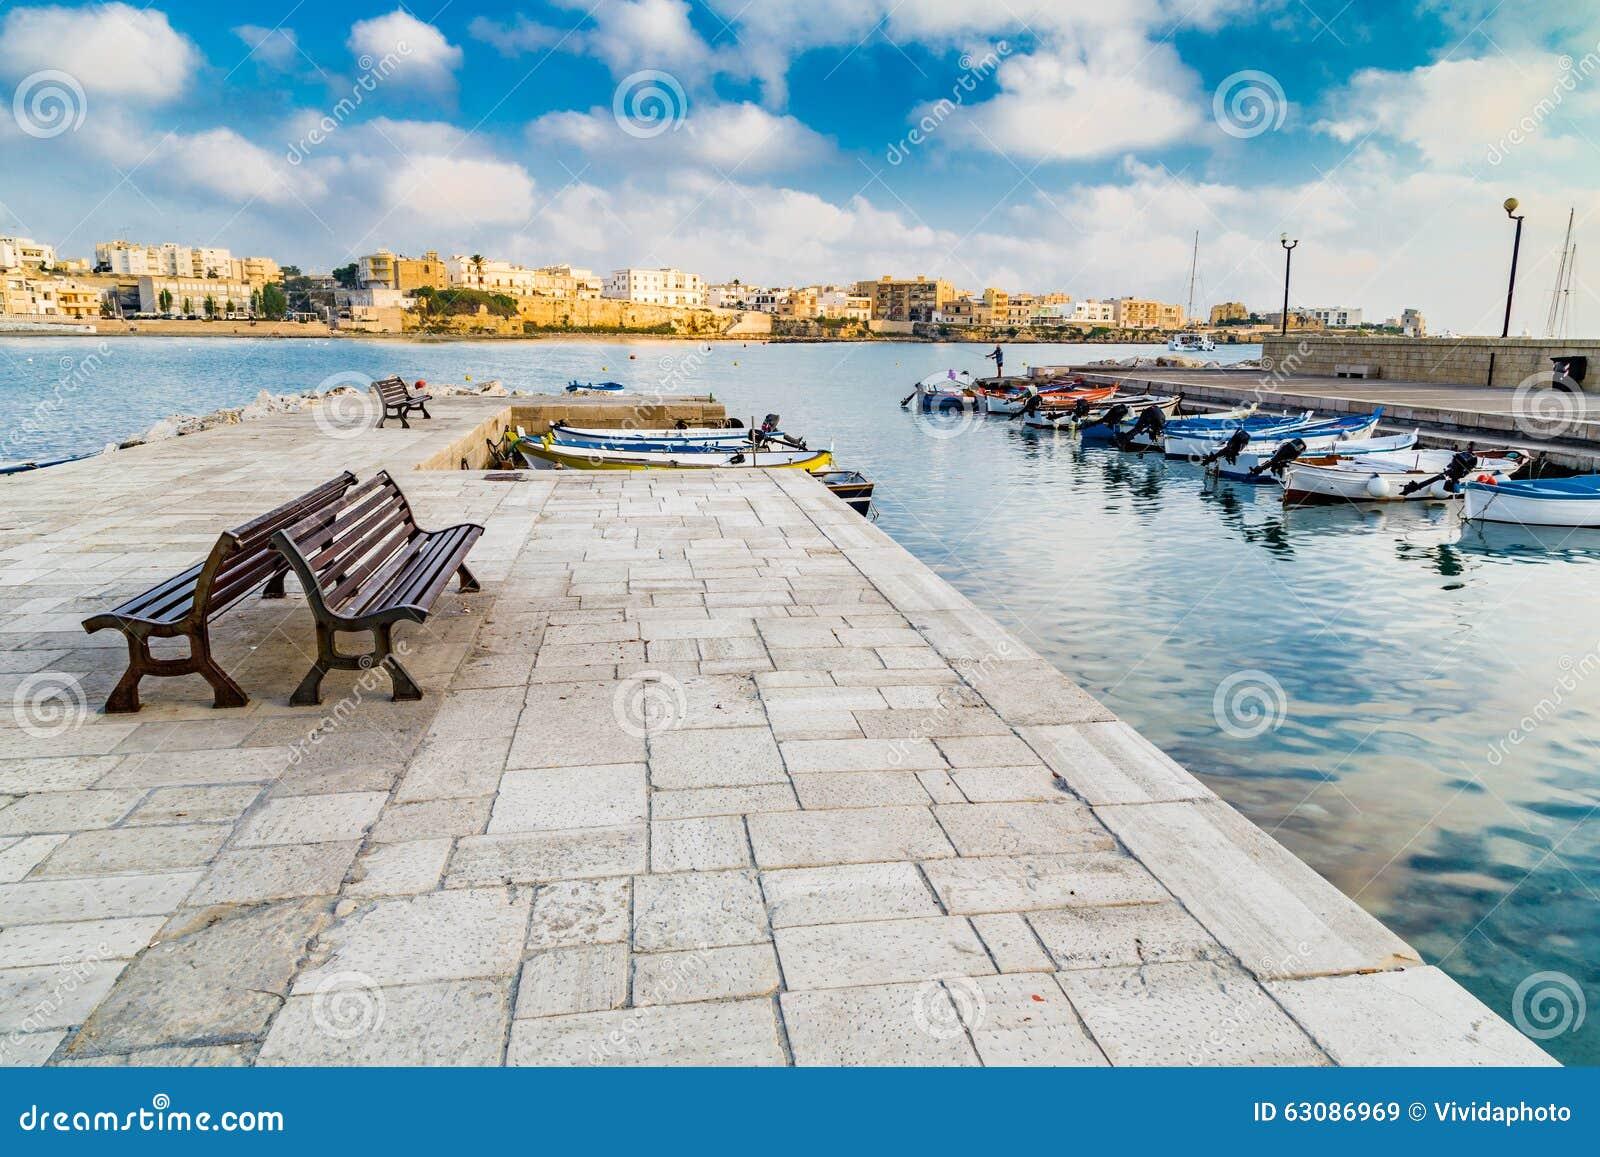 Download Baie sur la Mer Adriatique image stock. Image du compartiment - 63086969